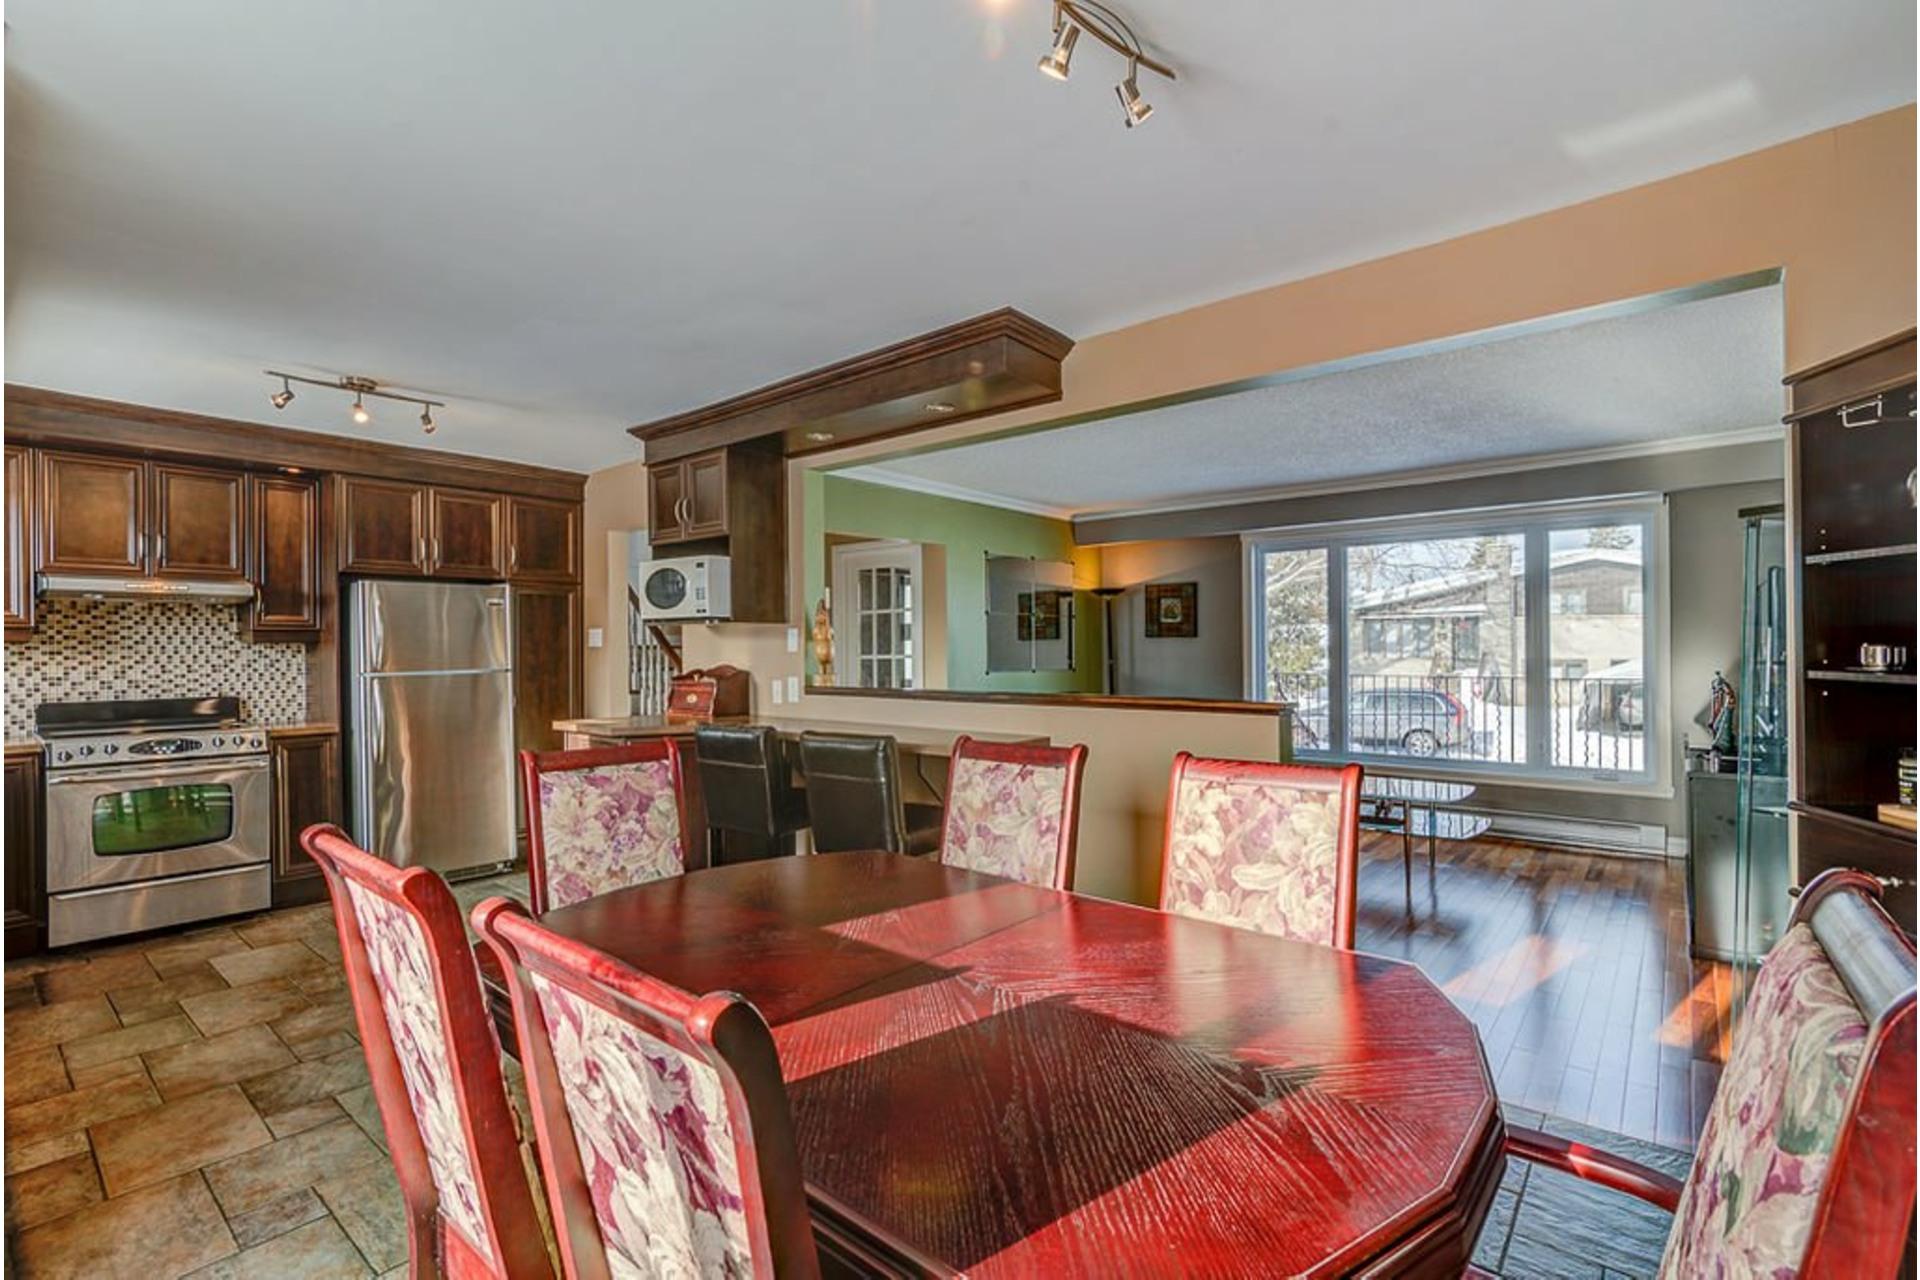 image 8 - House For sale Montréal-Nord Montréal  - 10 rooms